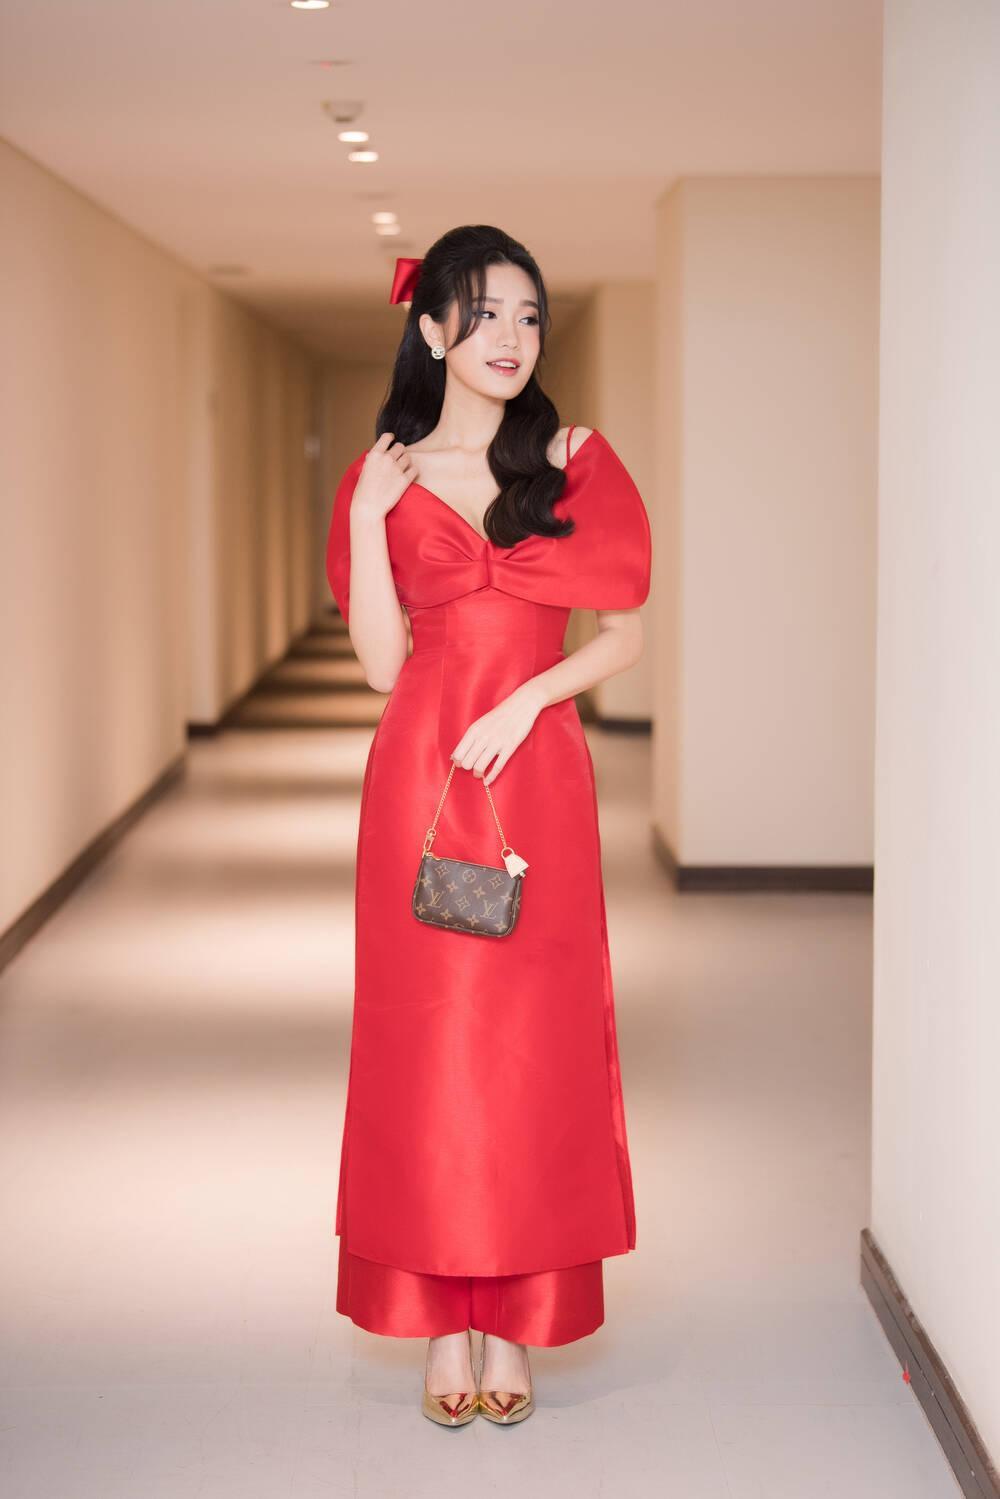 Doãn Hải My diện áo dài đỏ rực rỡ, hóa đóa hồng nhung thơm ngát tại sự kiện Ảnh 3